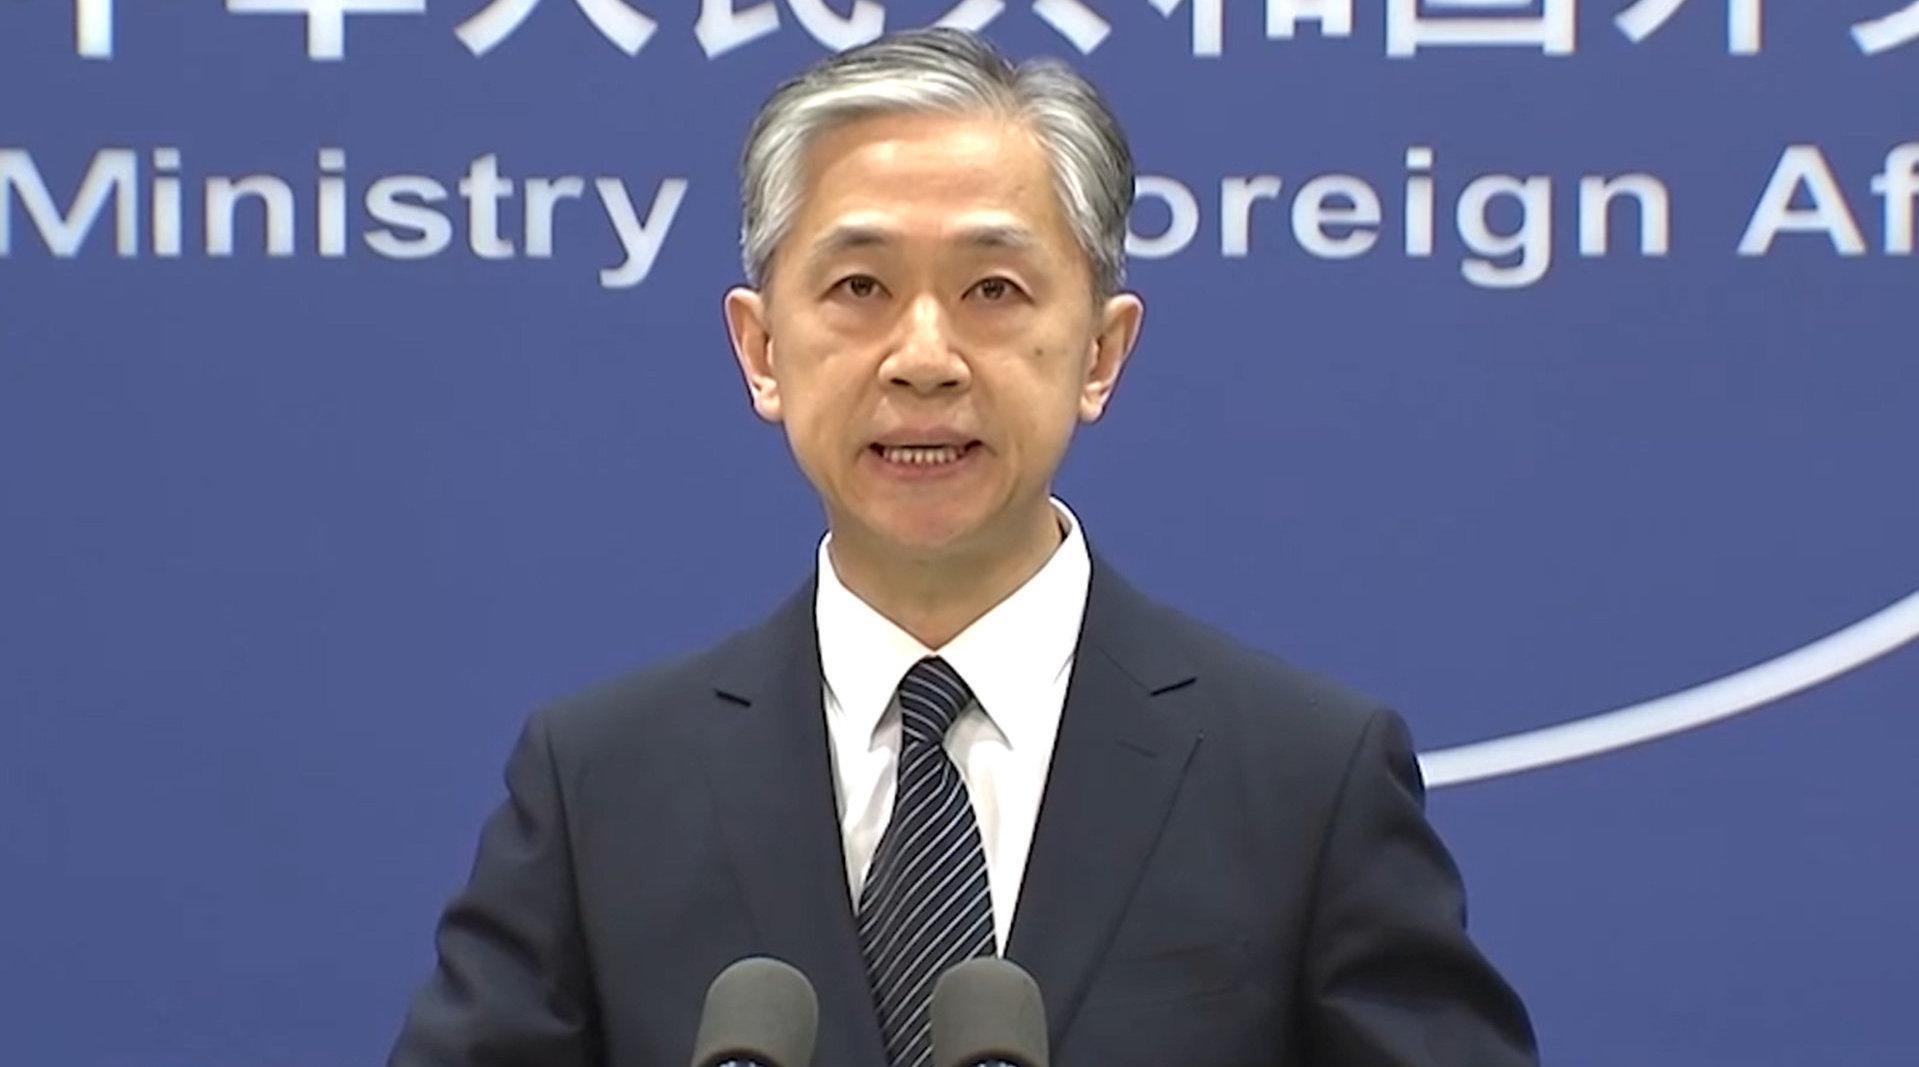 外交部:反华势力利用谎言谣言抹黑攻击中国已形成套路但终要破产